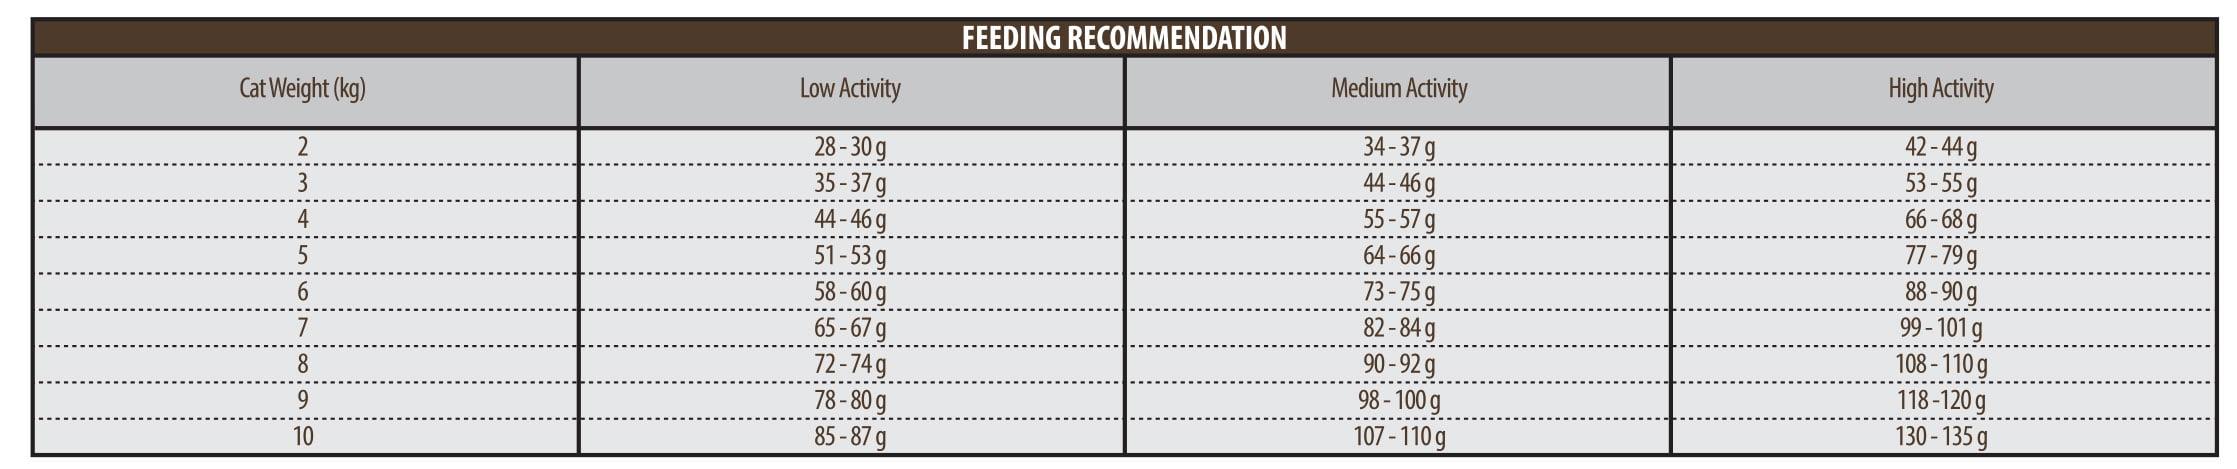 جدول-میران-مصرف-غذای-خشک-گربه-بالغ-همه-نژادها-رویال-فید